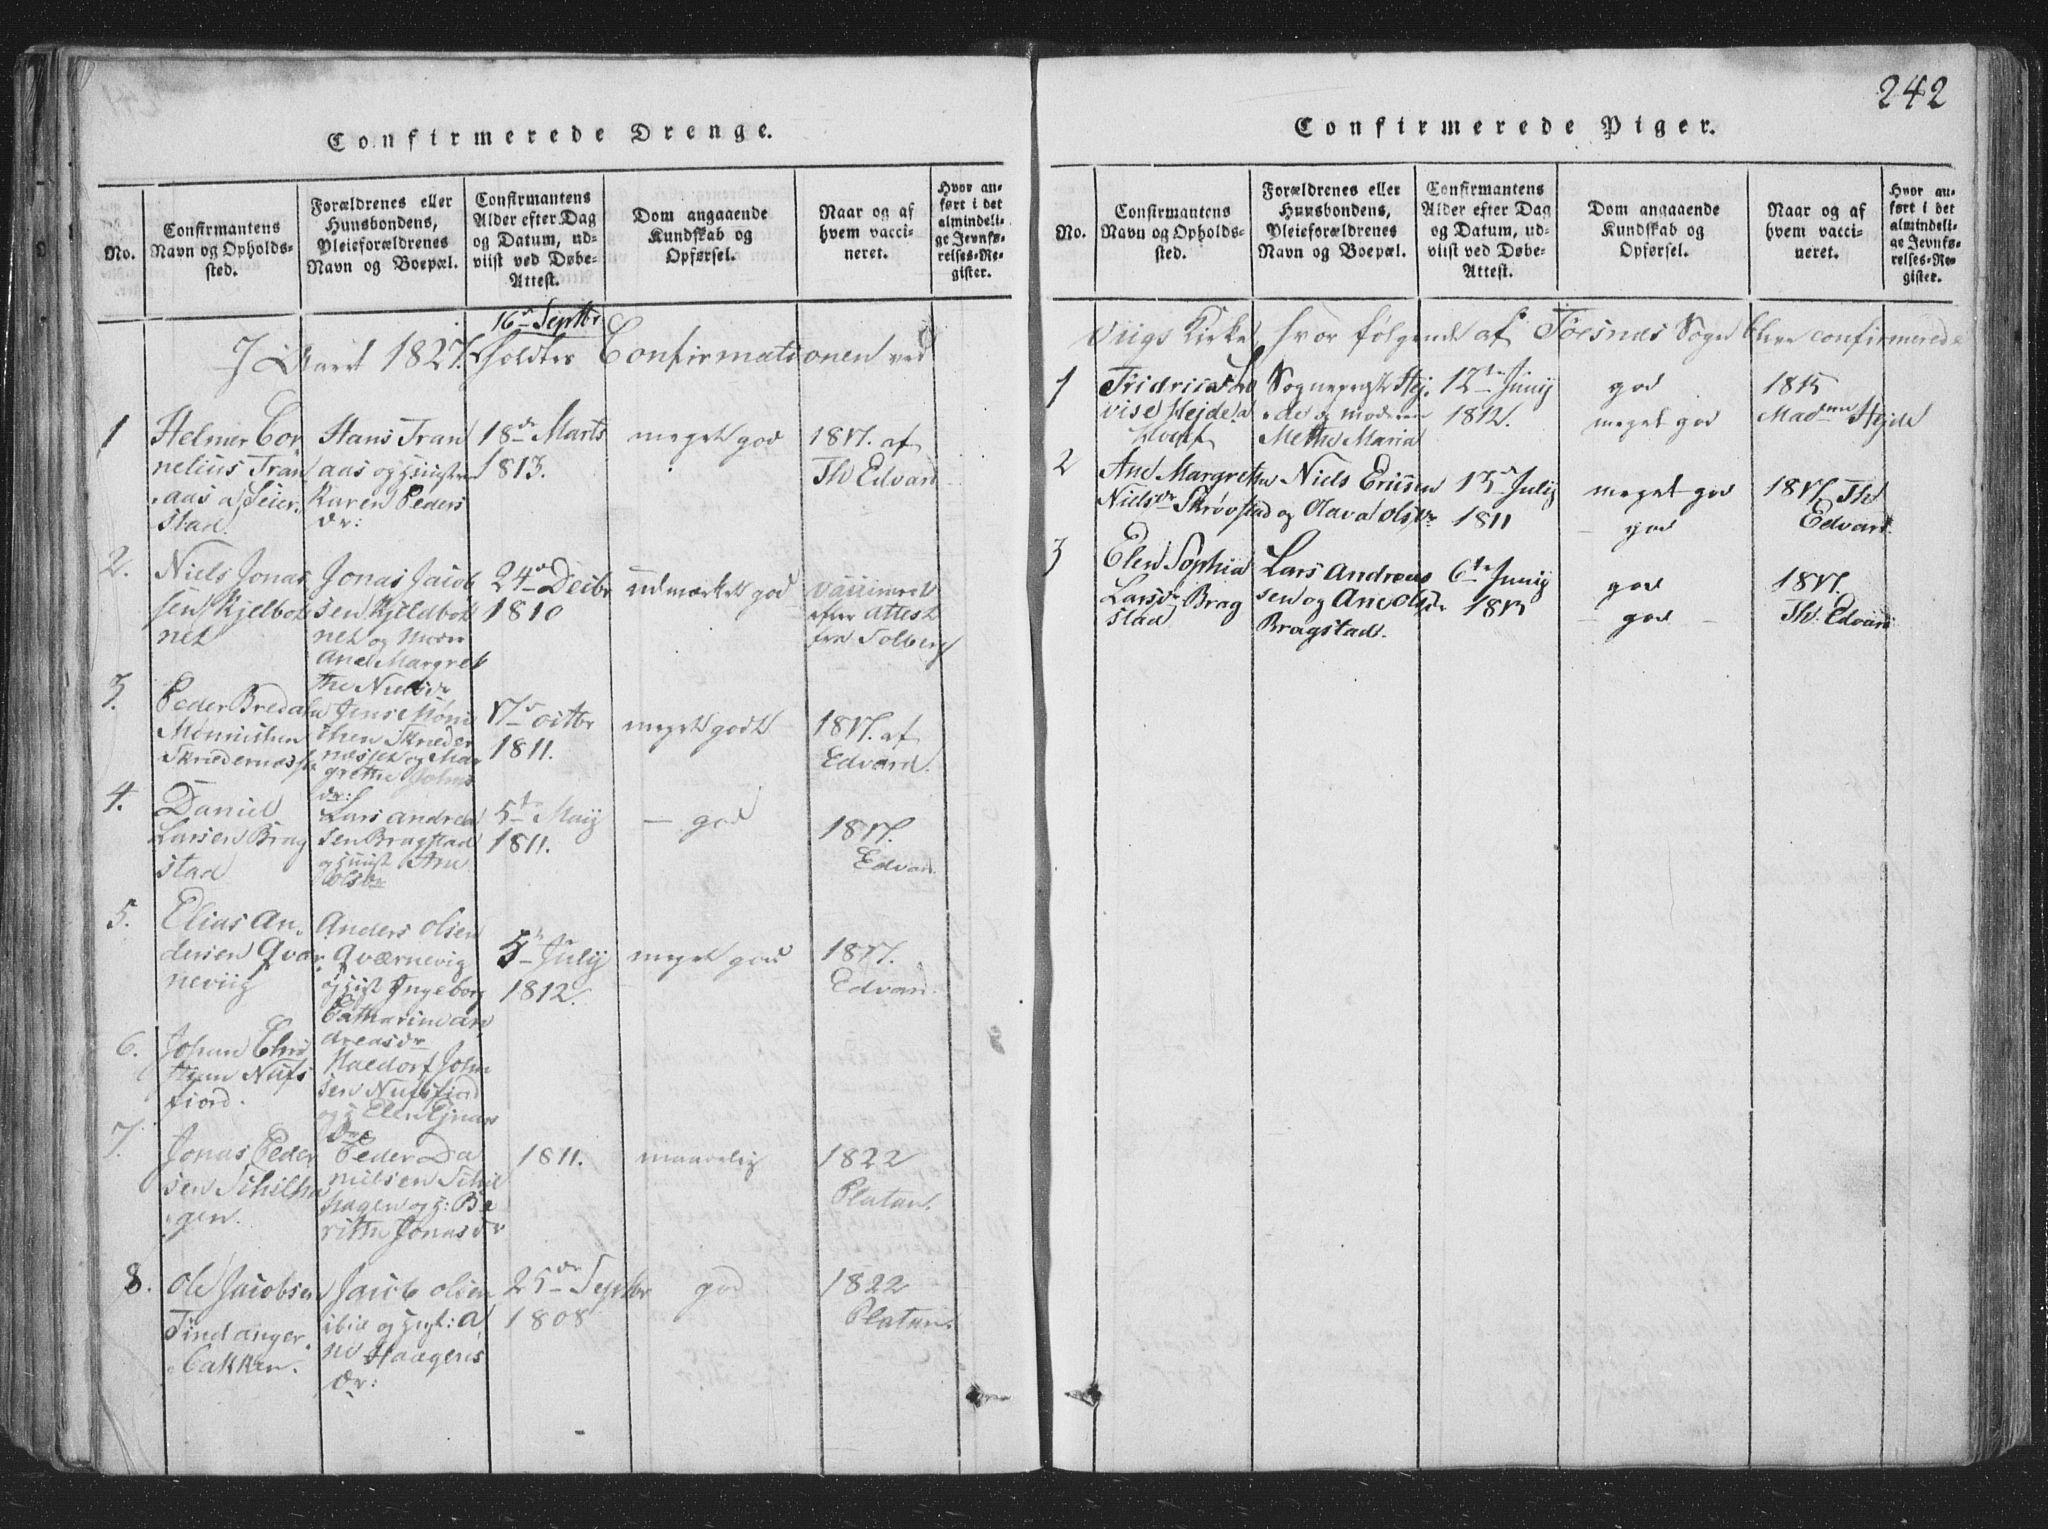 SAT, Ministerialprotokoller, klokkerbøker og fødselsregistre - Nord-Trøndelag, 773/L0613: Ministerialbok nr. 773A04, 1815-1845, s. 242